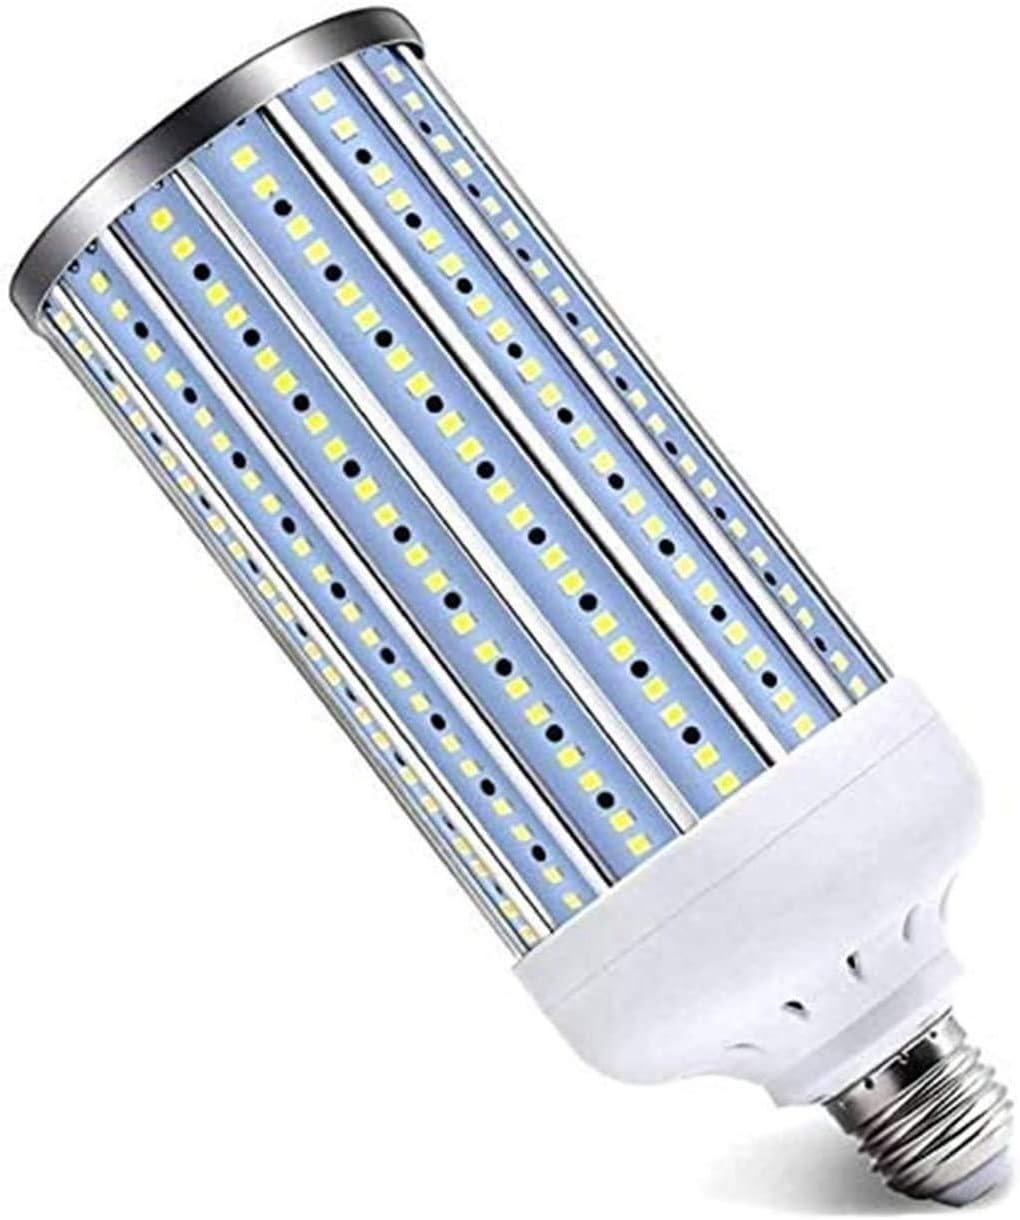 EMGQ Bombilla de Ahorro de energía Super Brillante 150W LED de luz de maíz, reemplazo de 600 vatios de haluro de Metal CFL/HPS, Larga Vida sin radiación dañina, para la iluminación de área de almacé